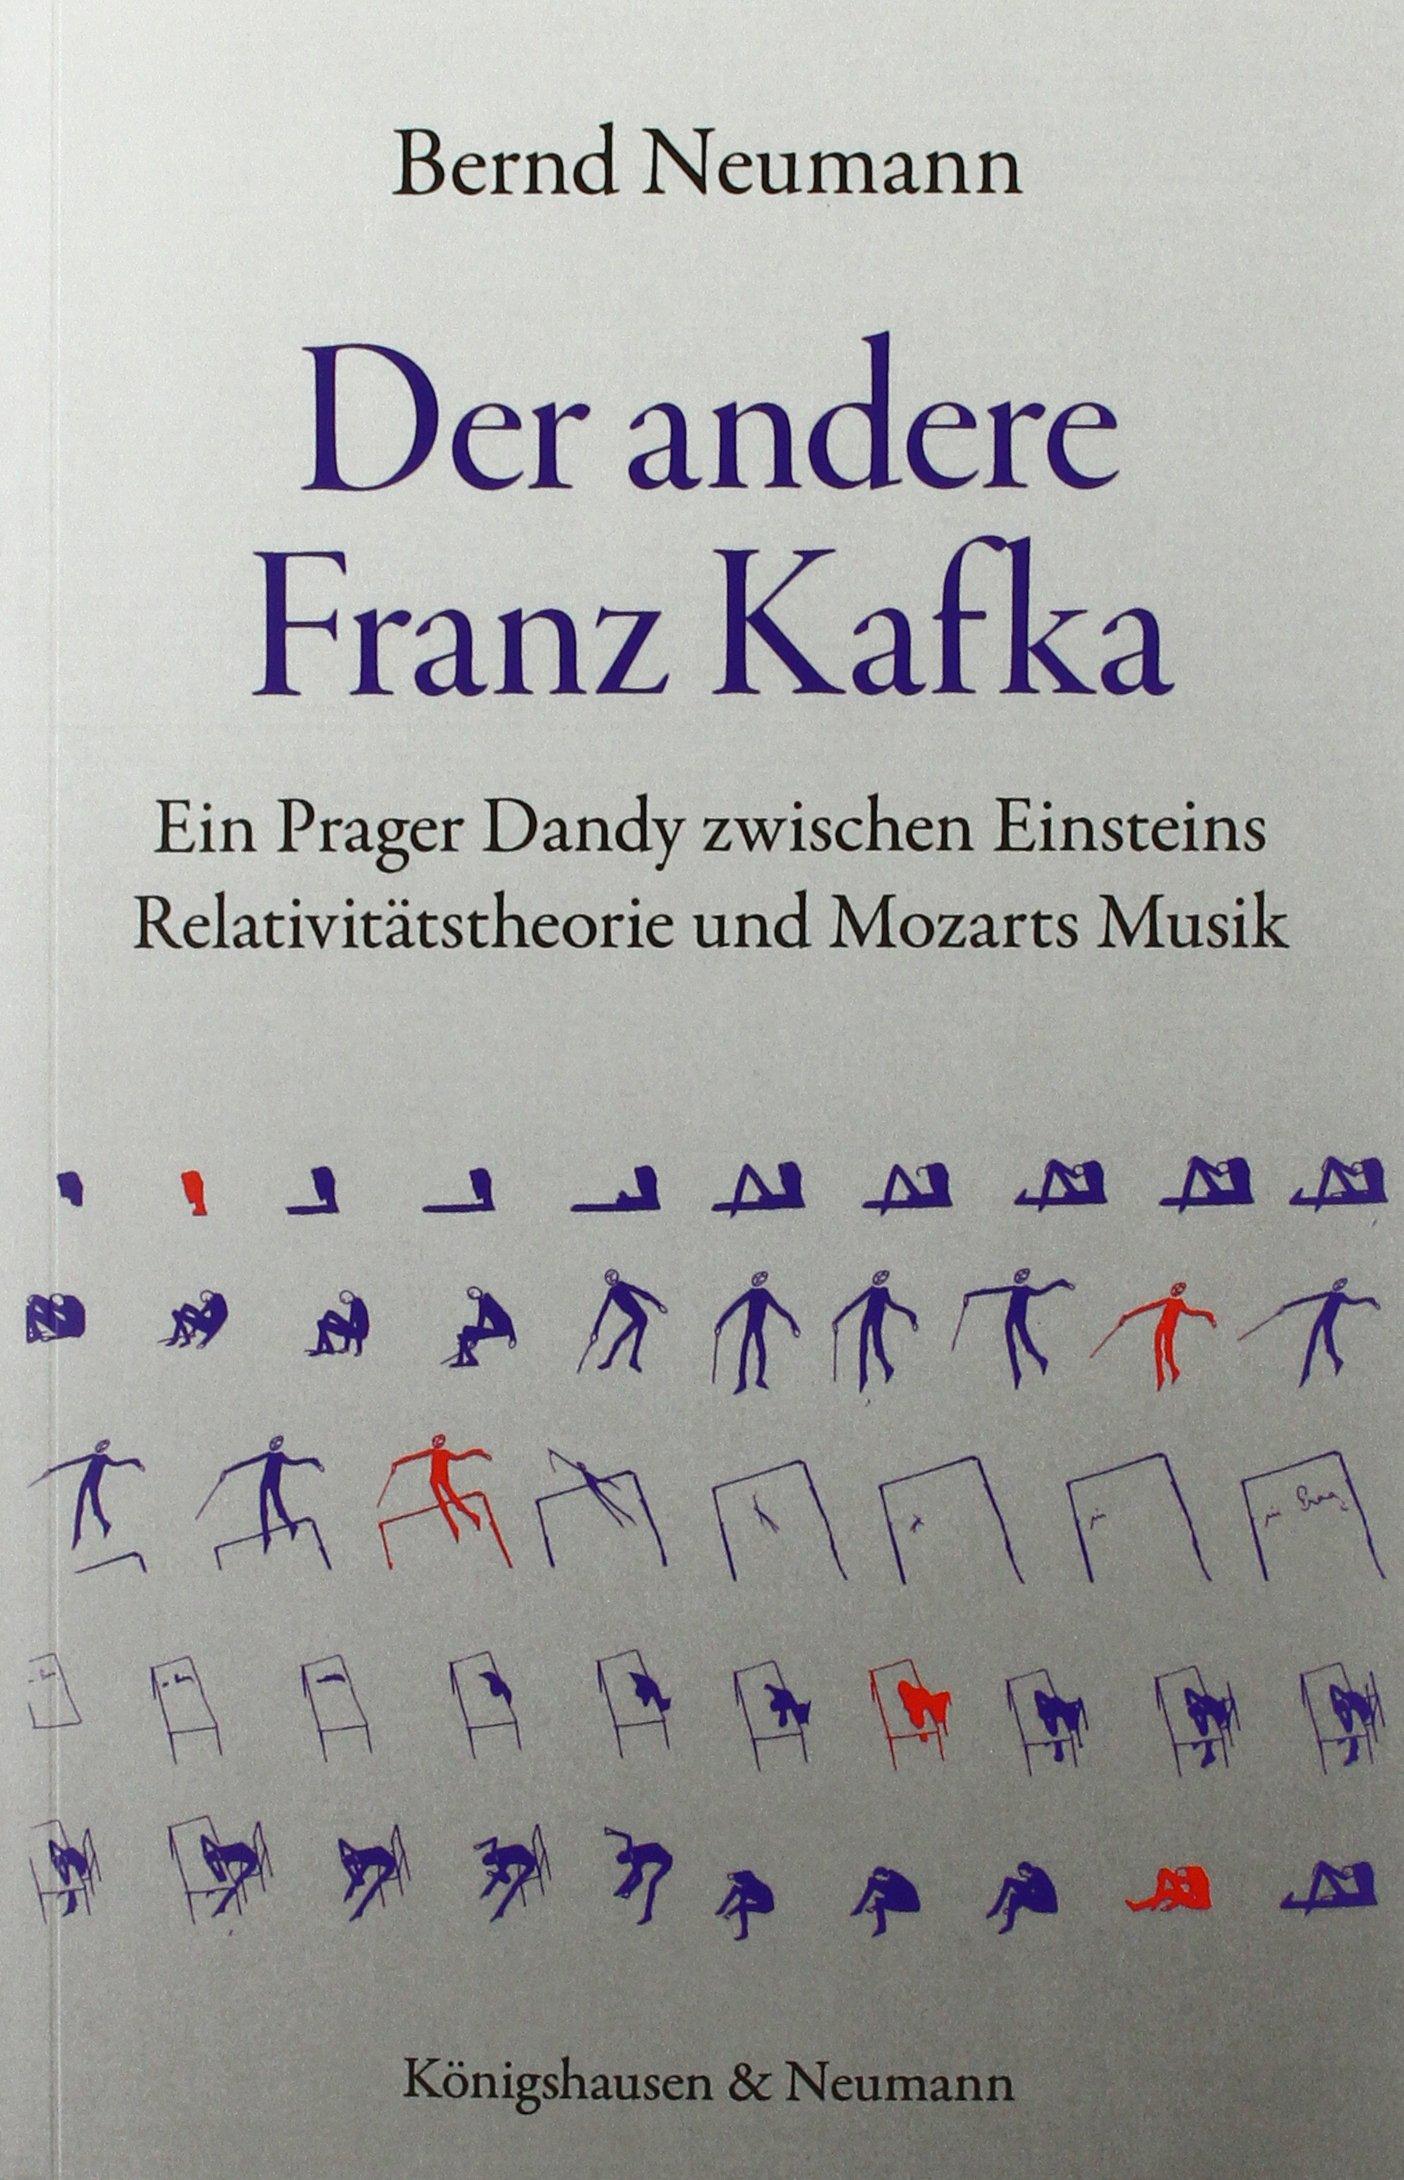 Der andere Franz Kafka: Ein Prager Dandy zwischen Einsteins ...